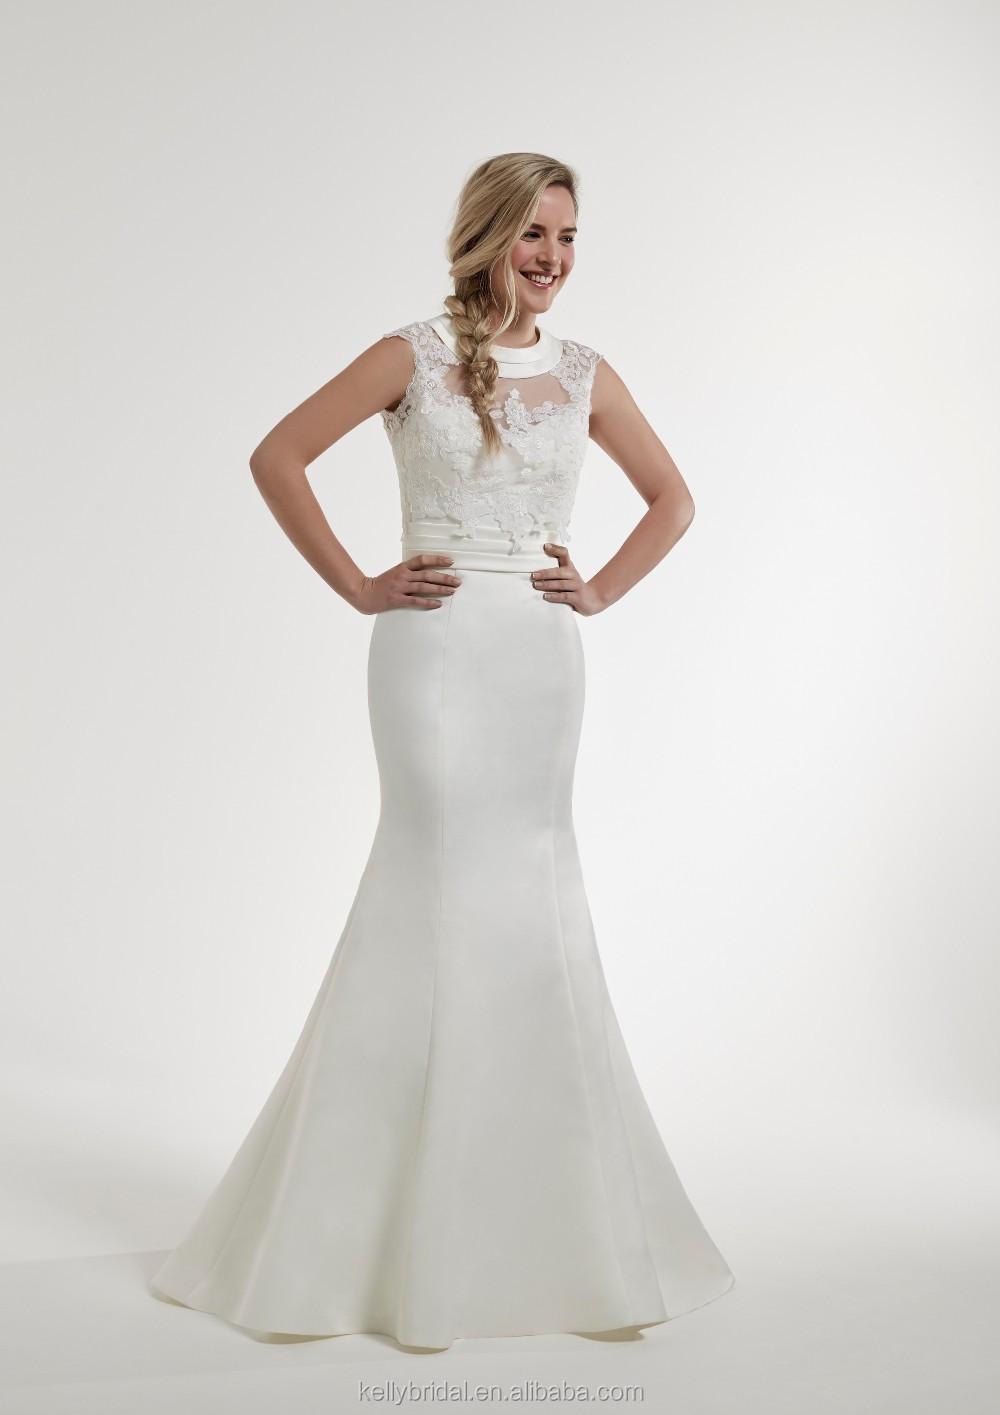 Zm16133 2016 Fashion Satin Wedding Dress Mermaid Tinggi Leher Gaun